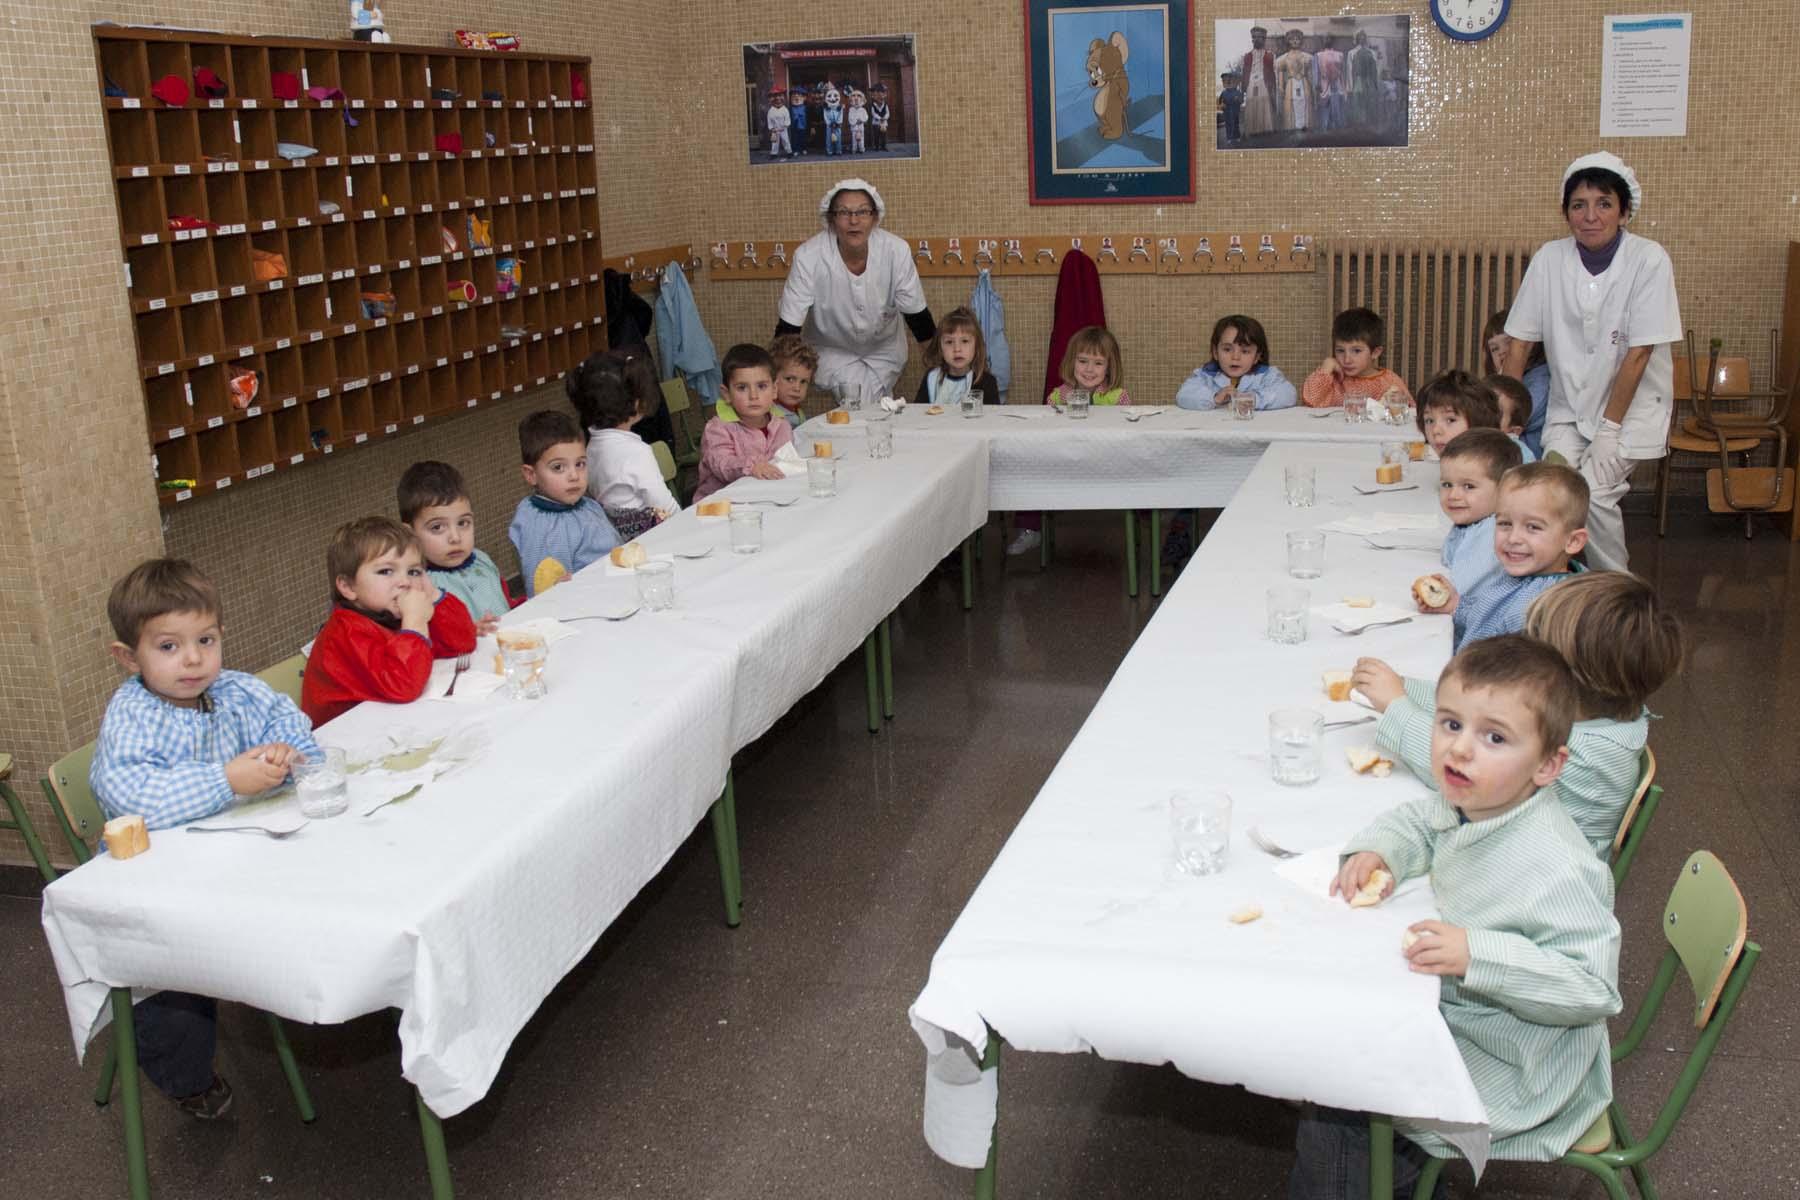 Jornada habitual y comedor escolar cp luis gil for Proyecto educativo de comedor escolar